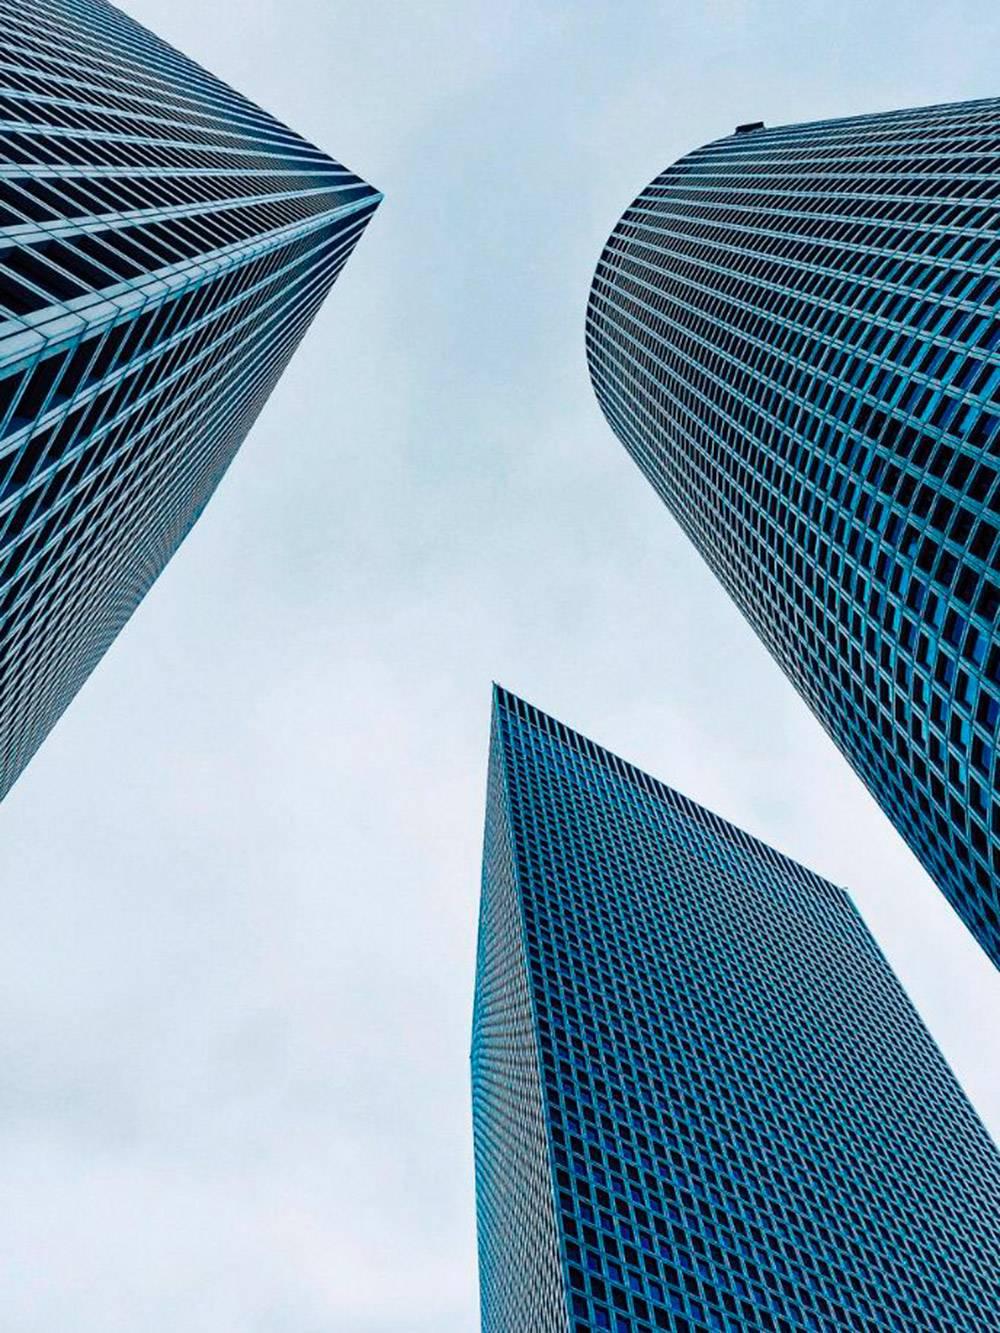 Круглая башня самая высокая — 187метров. Там и находится смотровая площадка